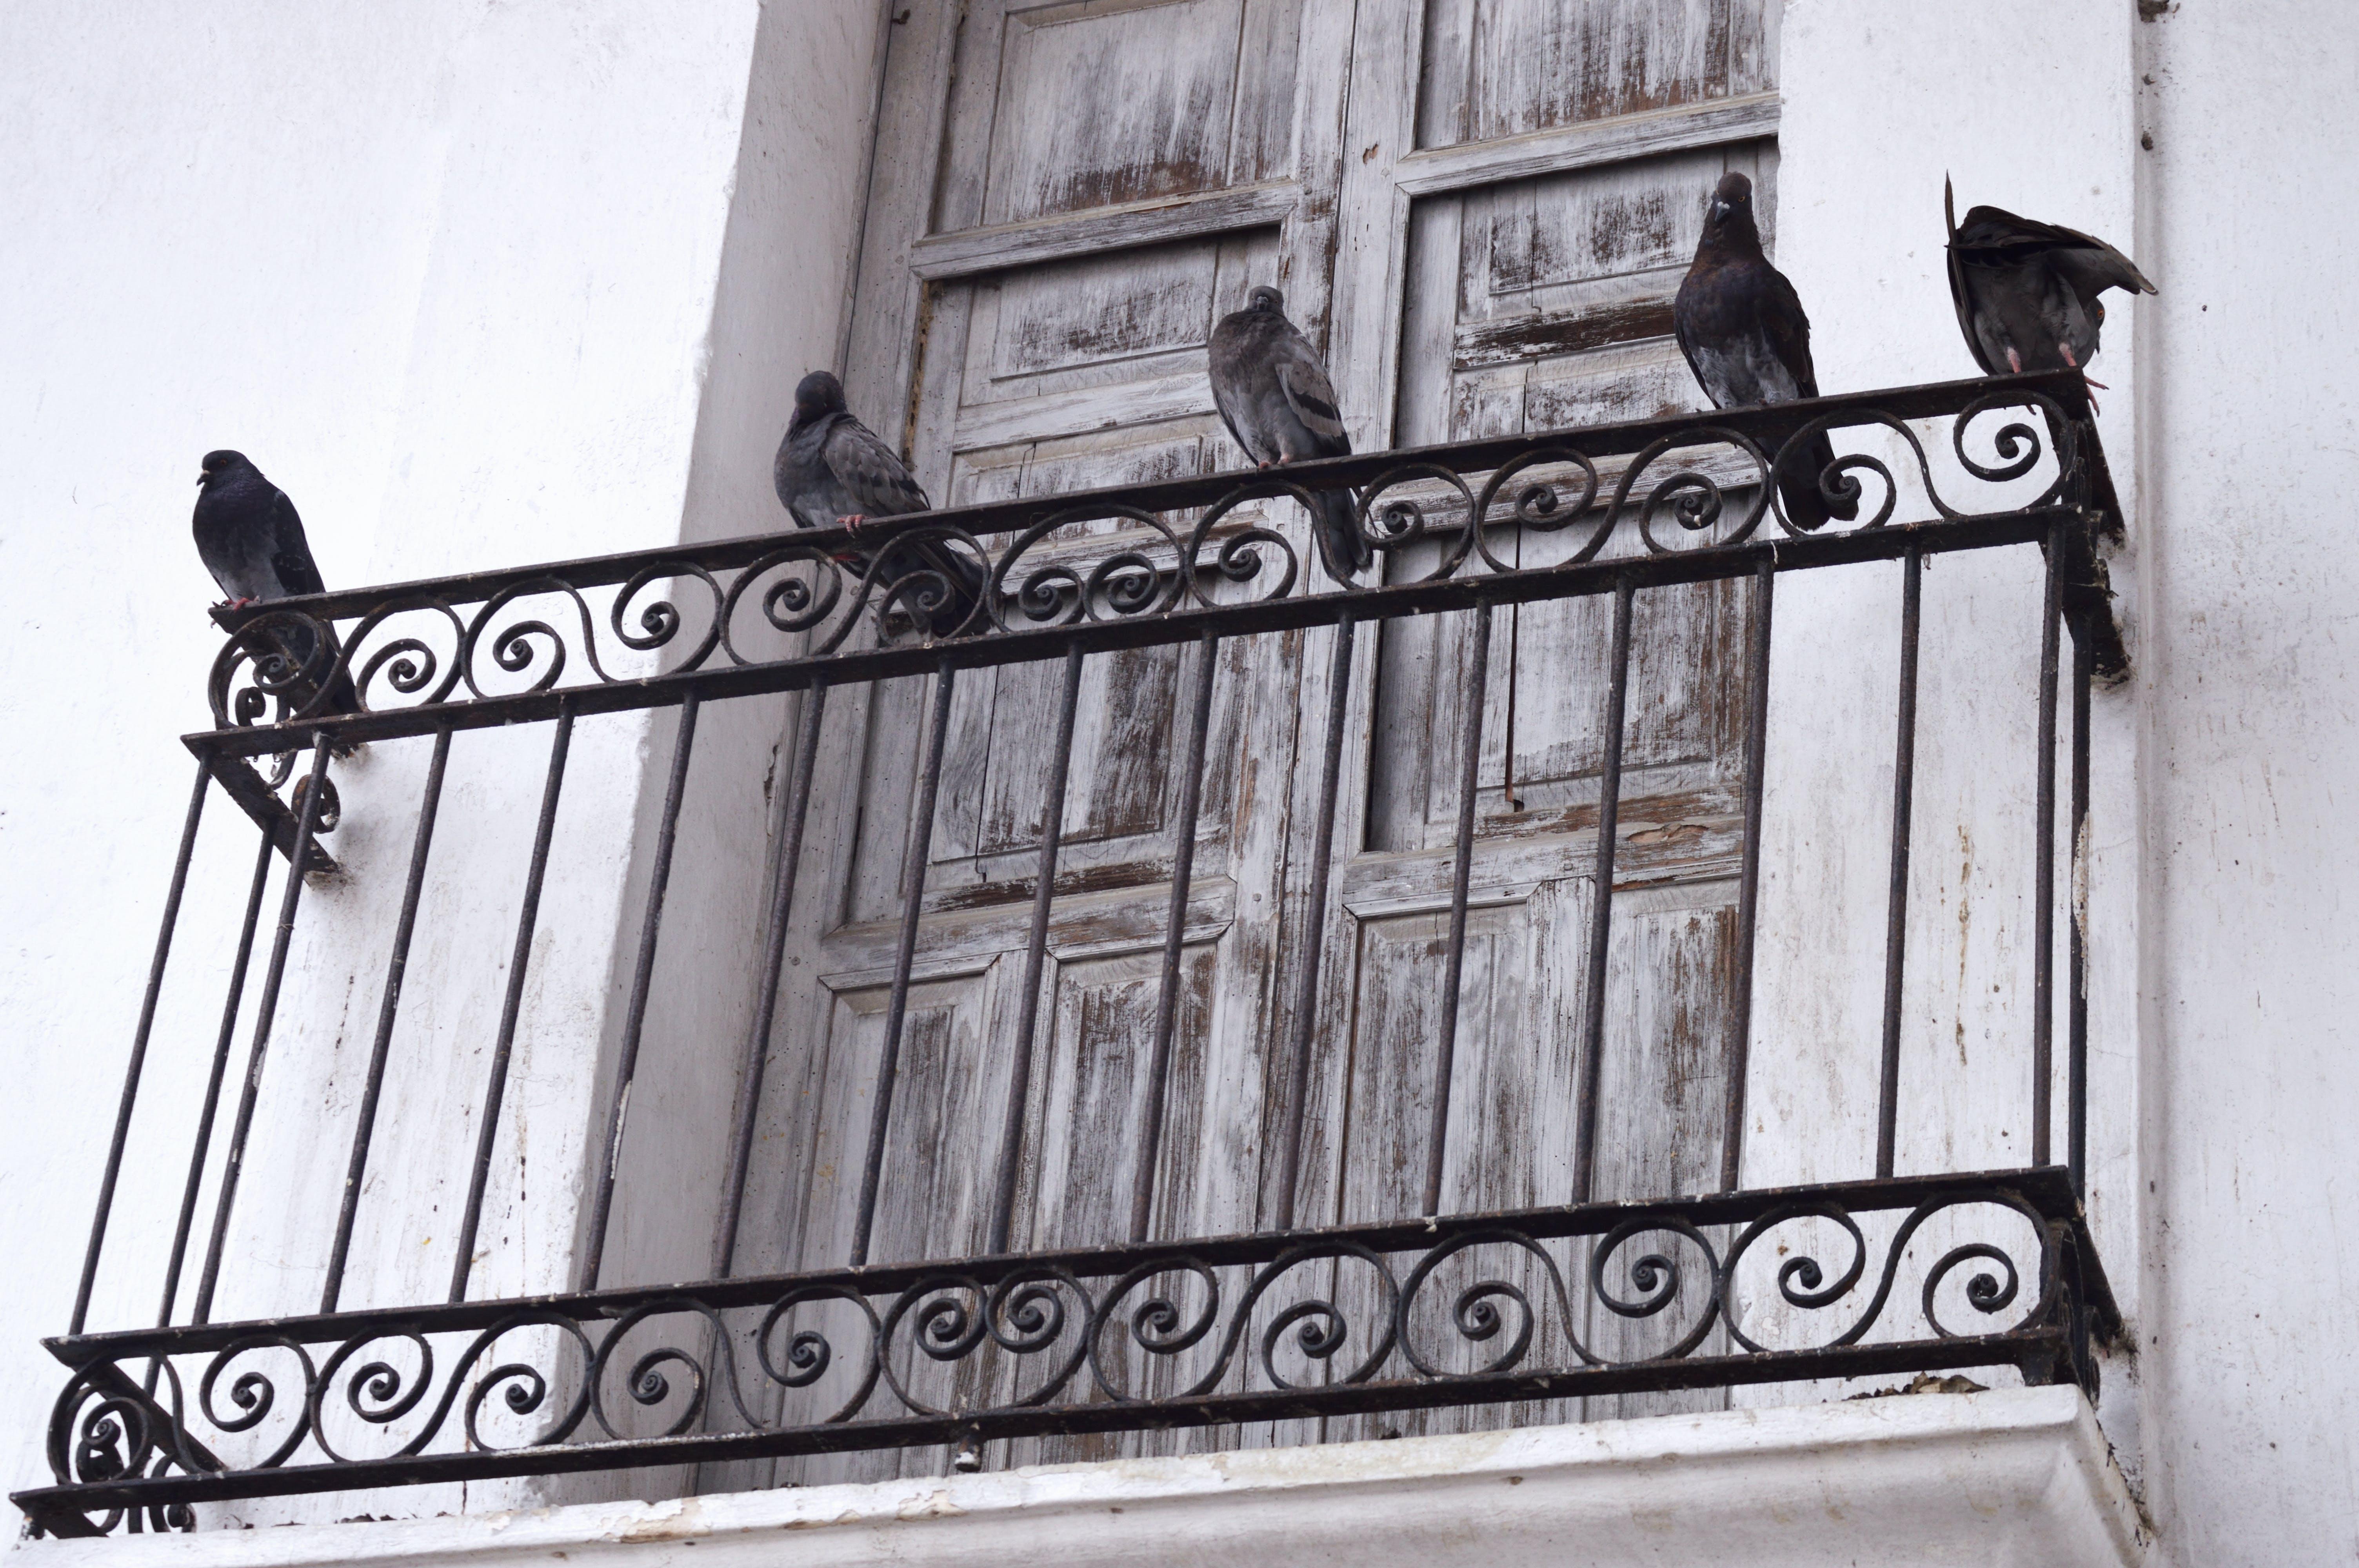 aile, balkon, bina, dar açılı çekim içeren Ücretsiz stok fotoğraf